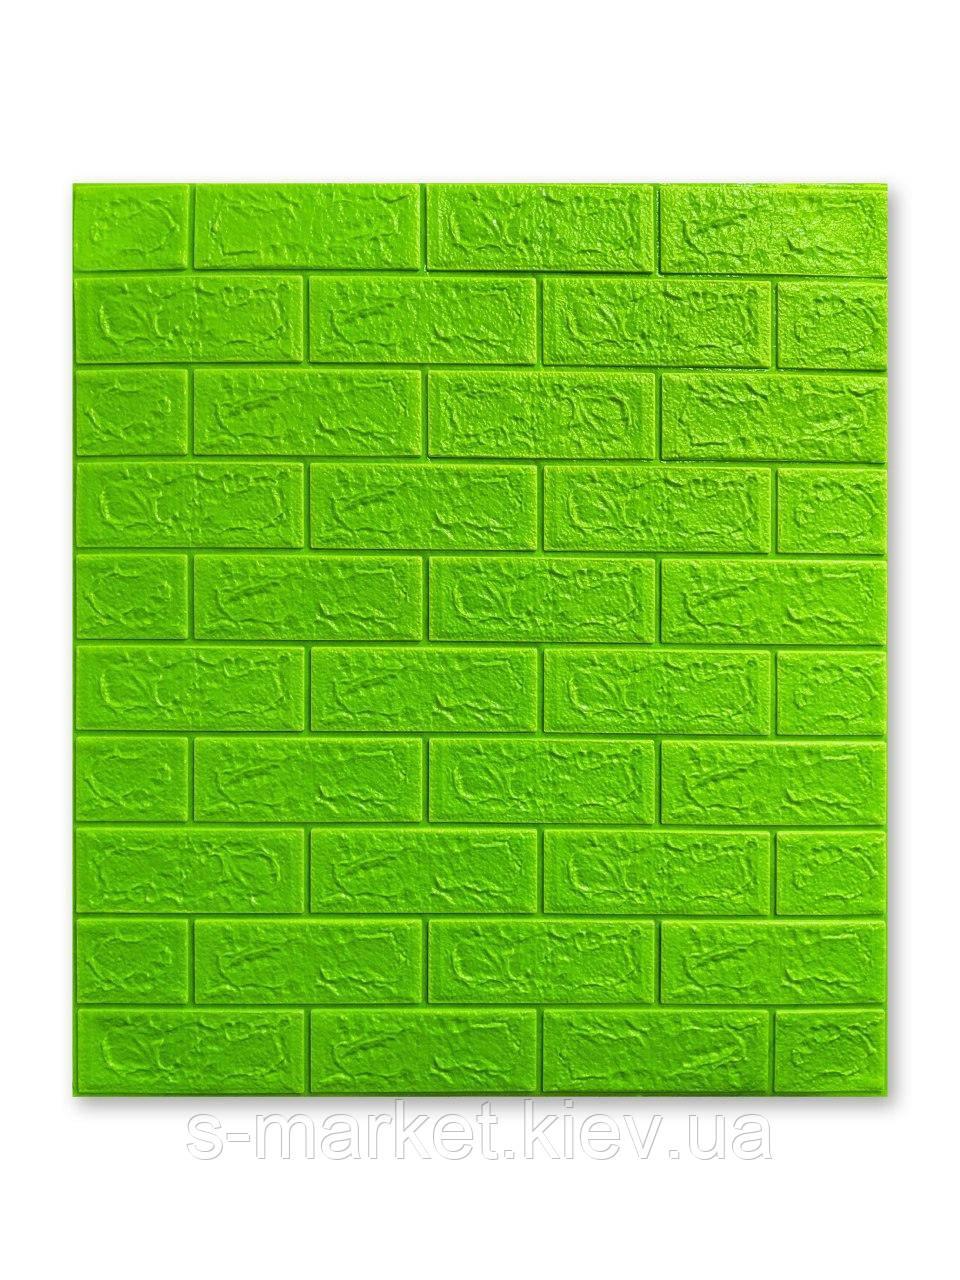 Самоклеющаяся декоративная 3D панель Кирпич Зеленый 700x770x5мм